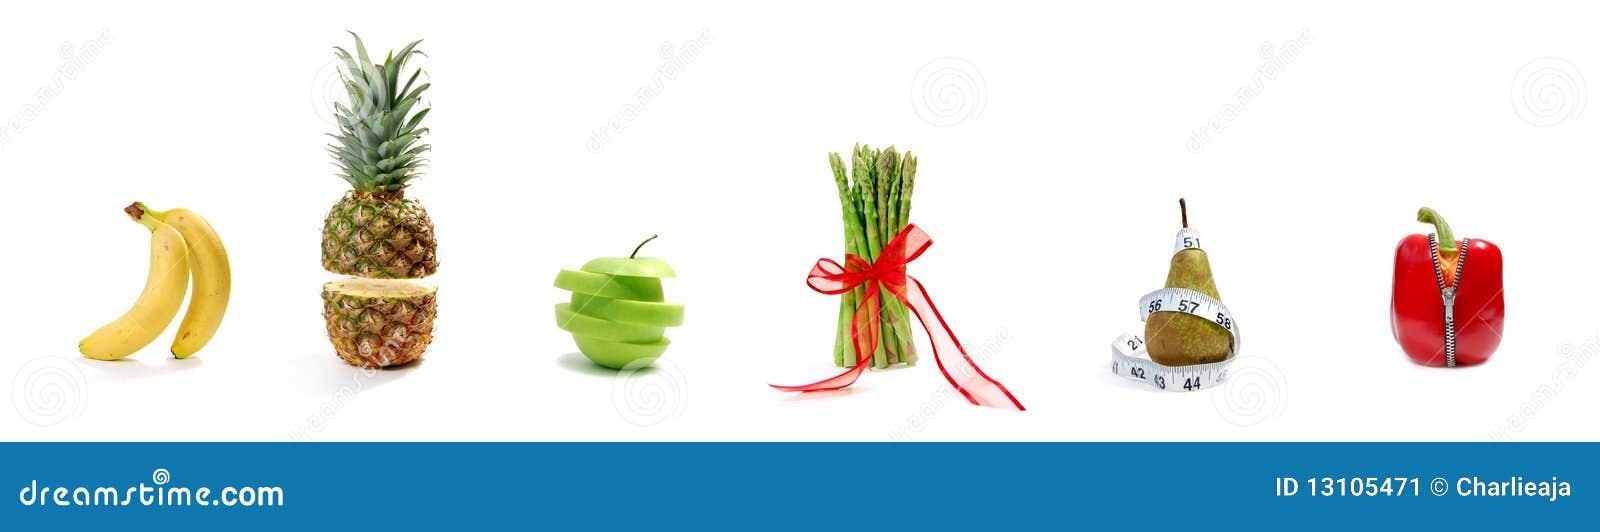 Parady owocowy warzywo